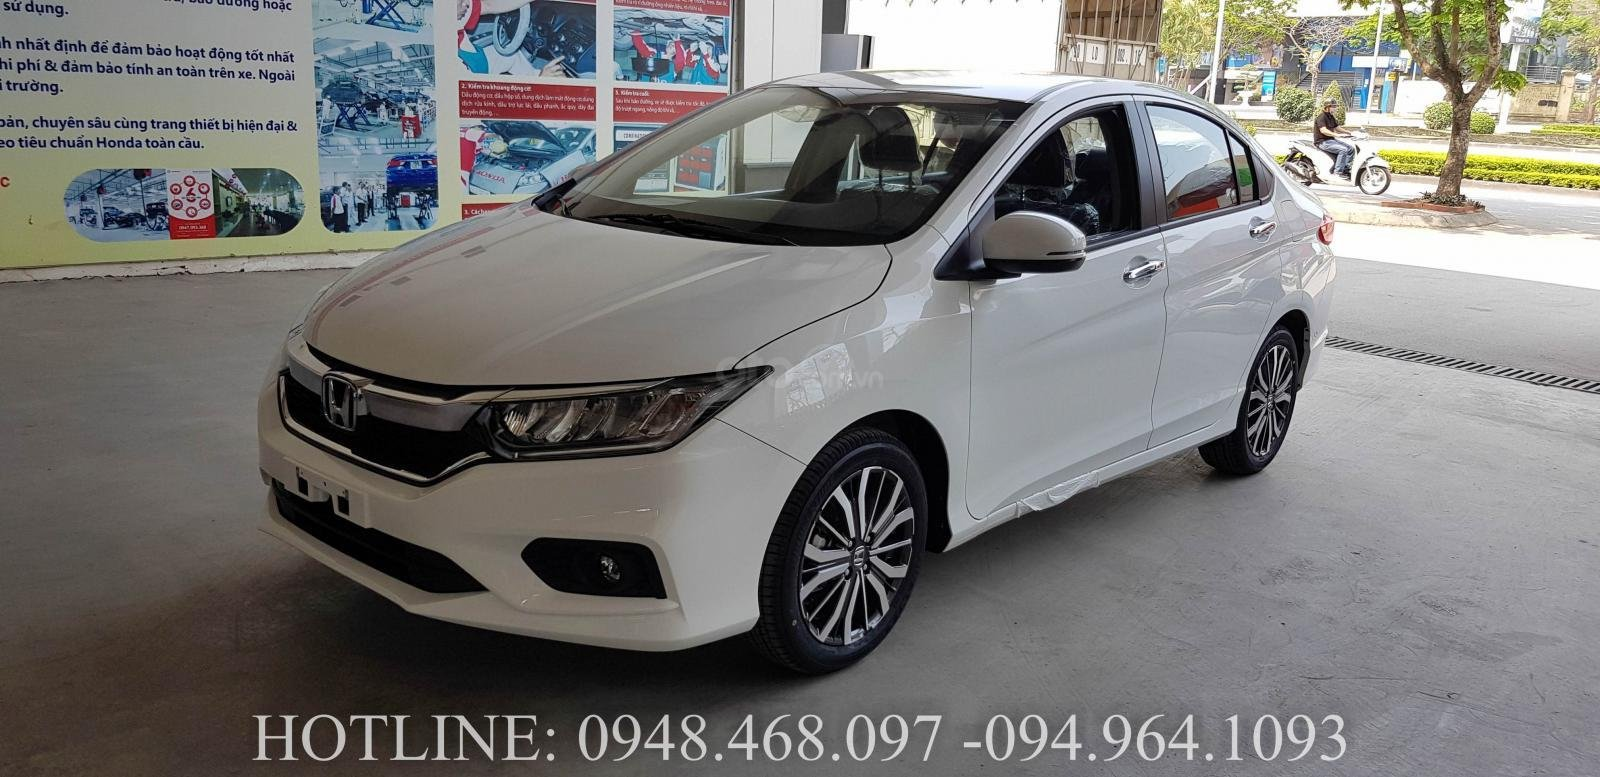 [Honda ô tô Hải Dương] Bán xe Honda City 1.5 L - Giá tốt nhất - Hotline: 094.964.1093 (1)